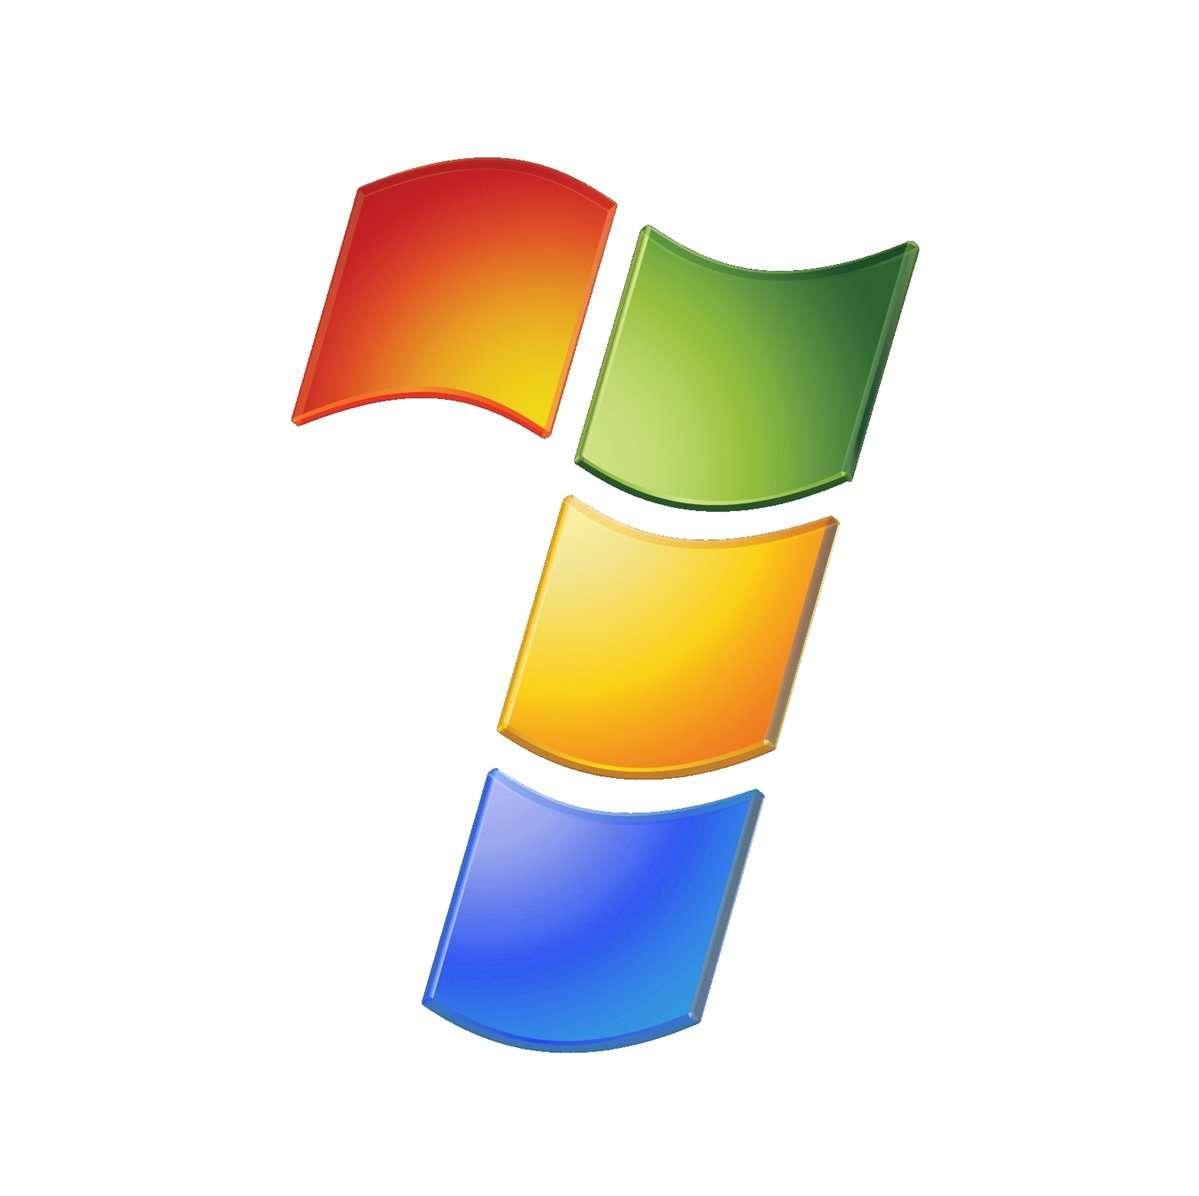 Bien qu'il se base sur le noyau de Vista, cette nouvelle mouture apporte de nombreuses améliorations, notamment en termes d'ergonomie et de ressources exigées. - © Microsoft